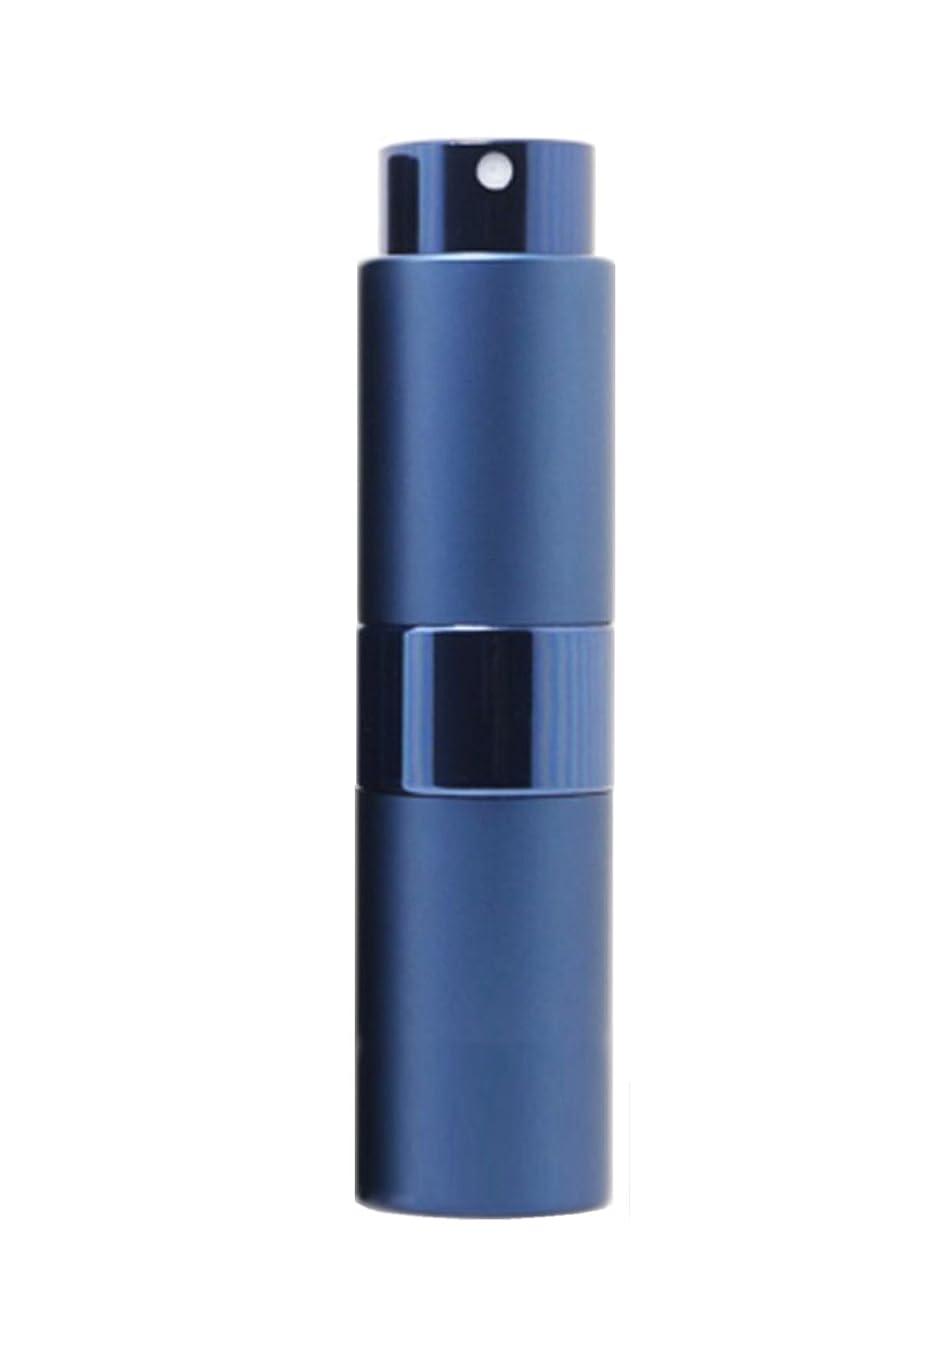 仮説来て演劇NYSh 香水 アトマイザー プッシュ式 スプレー 詰め替え 携帯 身だしなみ メンズ 15ml (ブルー)